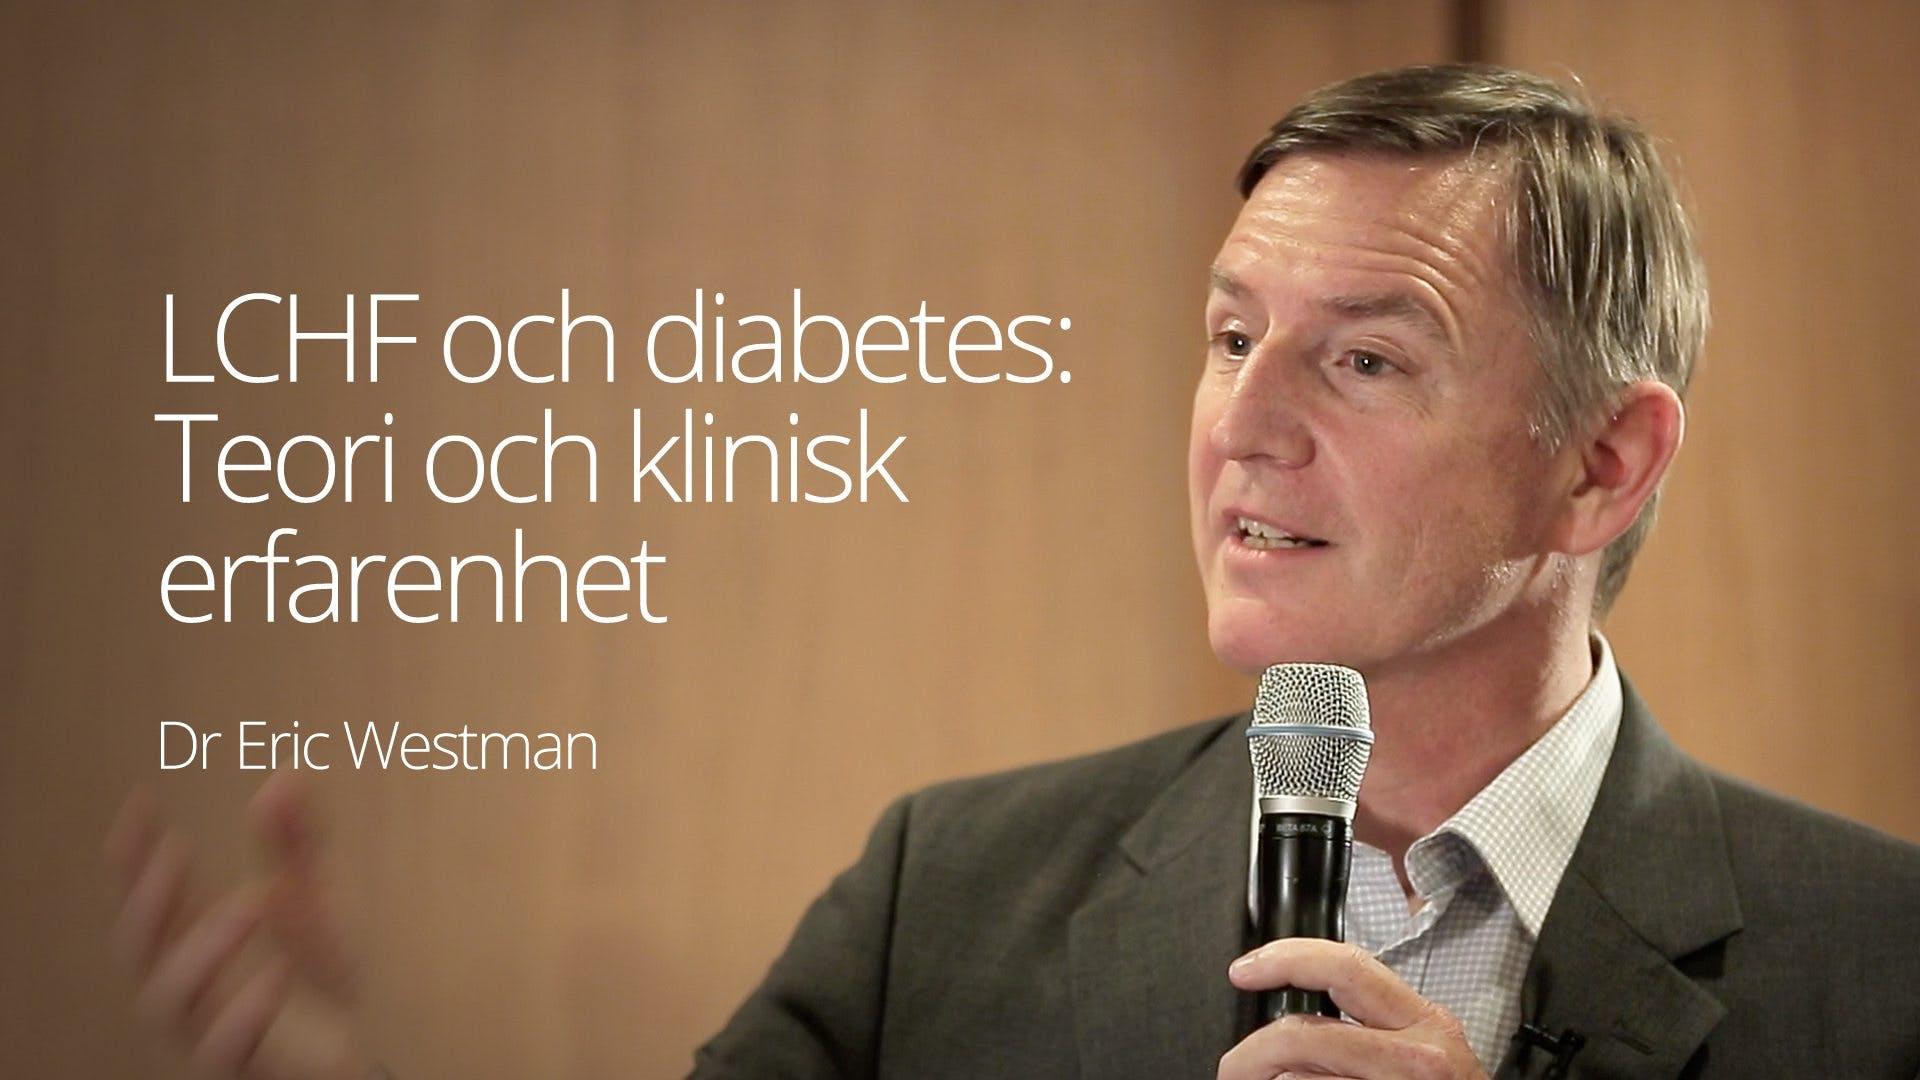 Dr. Eric Westman - LCHF och diabetes: Teori och klinisk erfarenhet (LCC 2016)